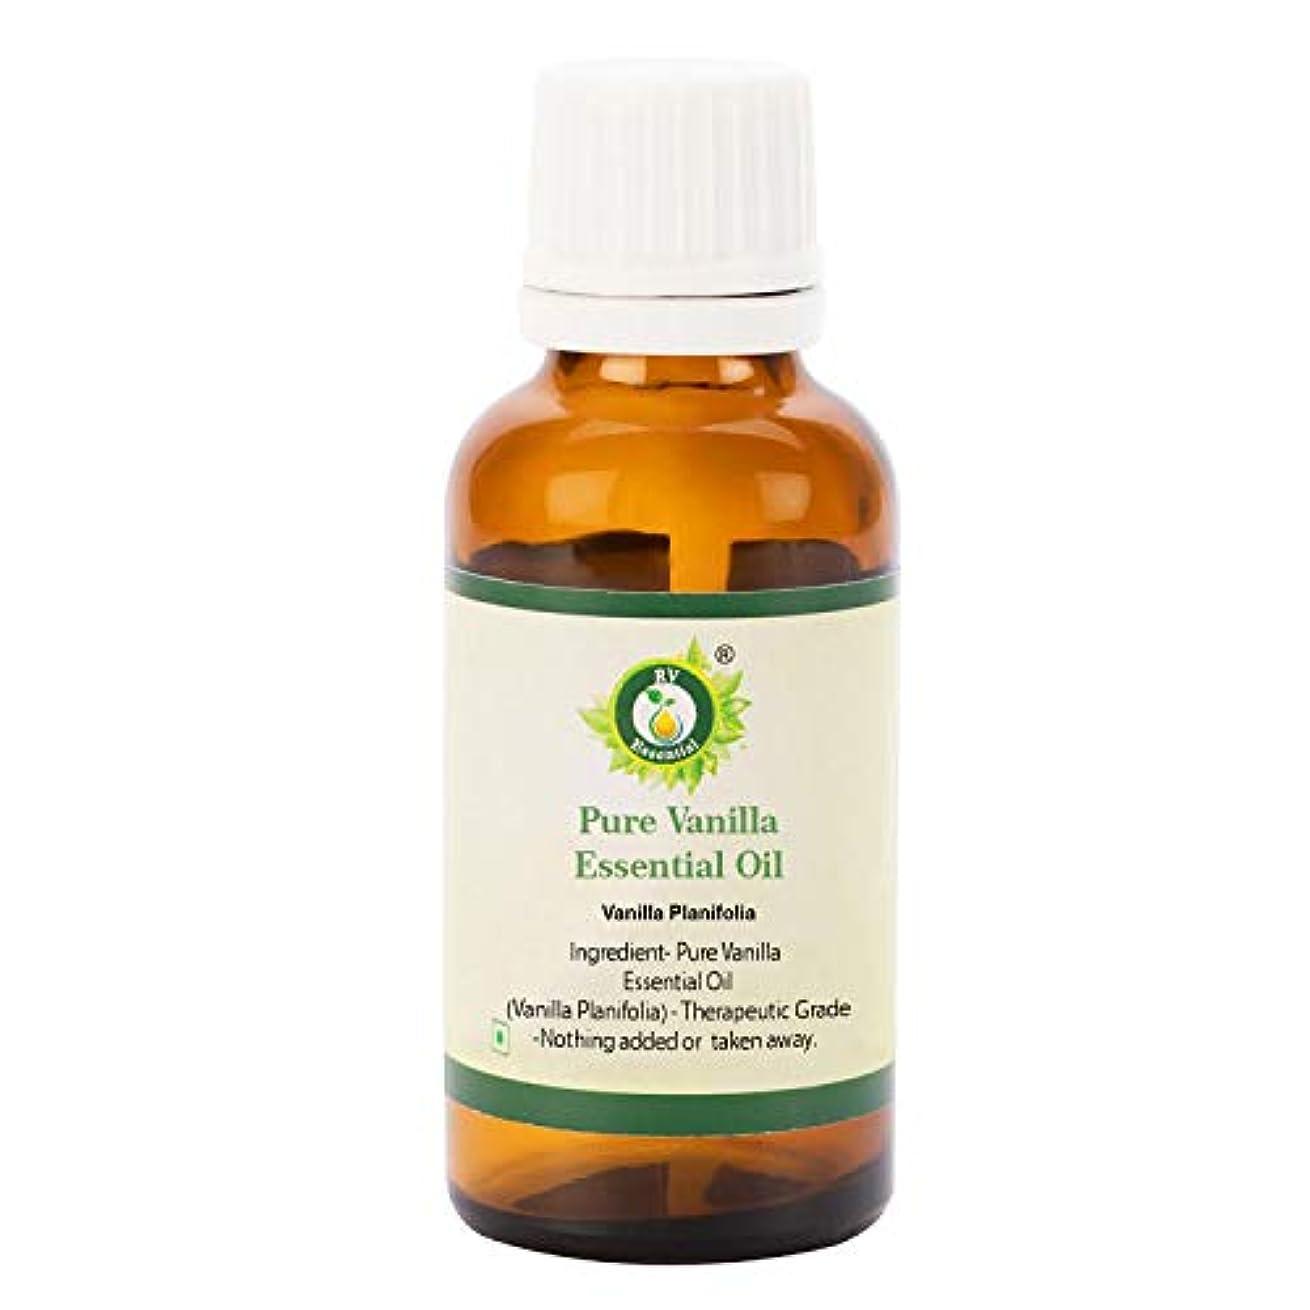 食欲理由コントローラR V Essential ピュアバニラエッセンシャルオイル10ml (0.338oz)- Vanilla Planifolia (100%純粋&天然) Pure Vanilla Essential Oil